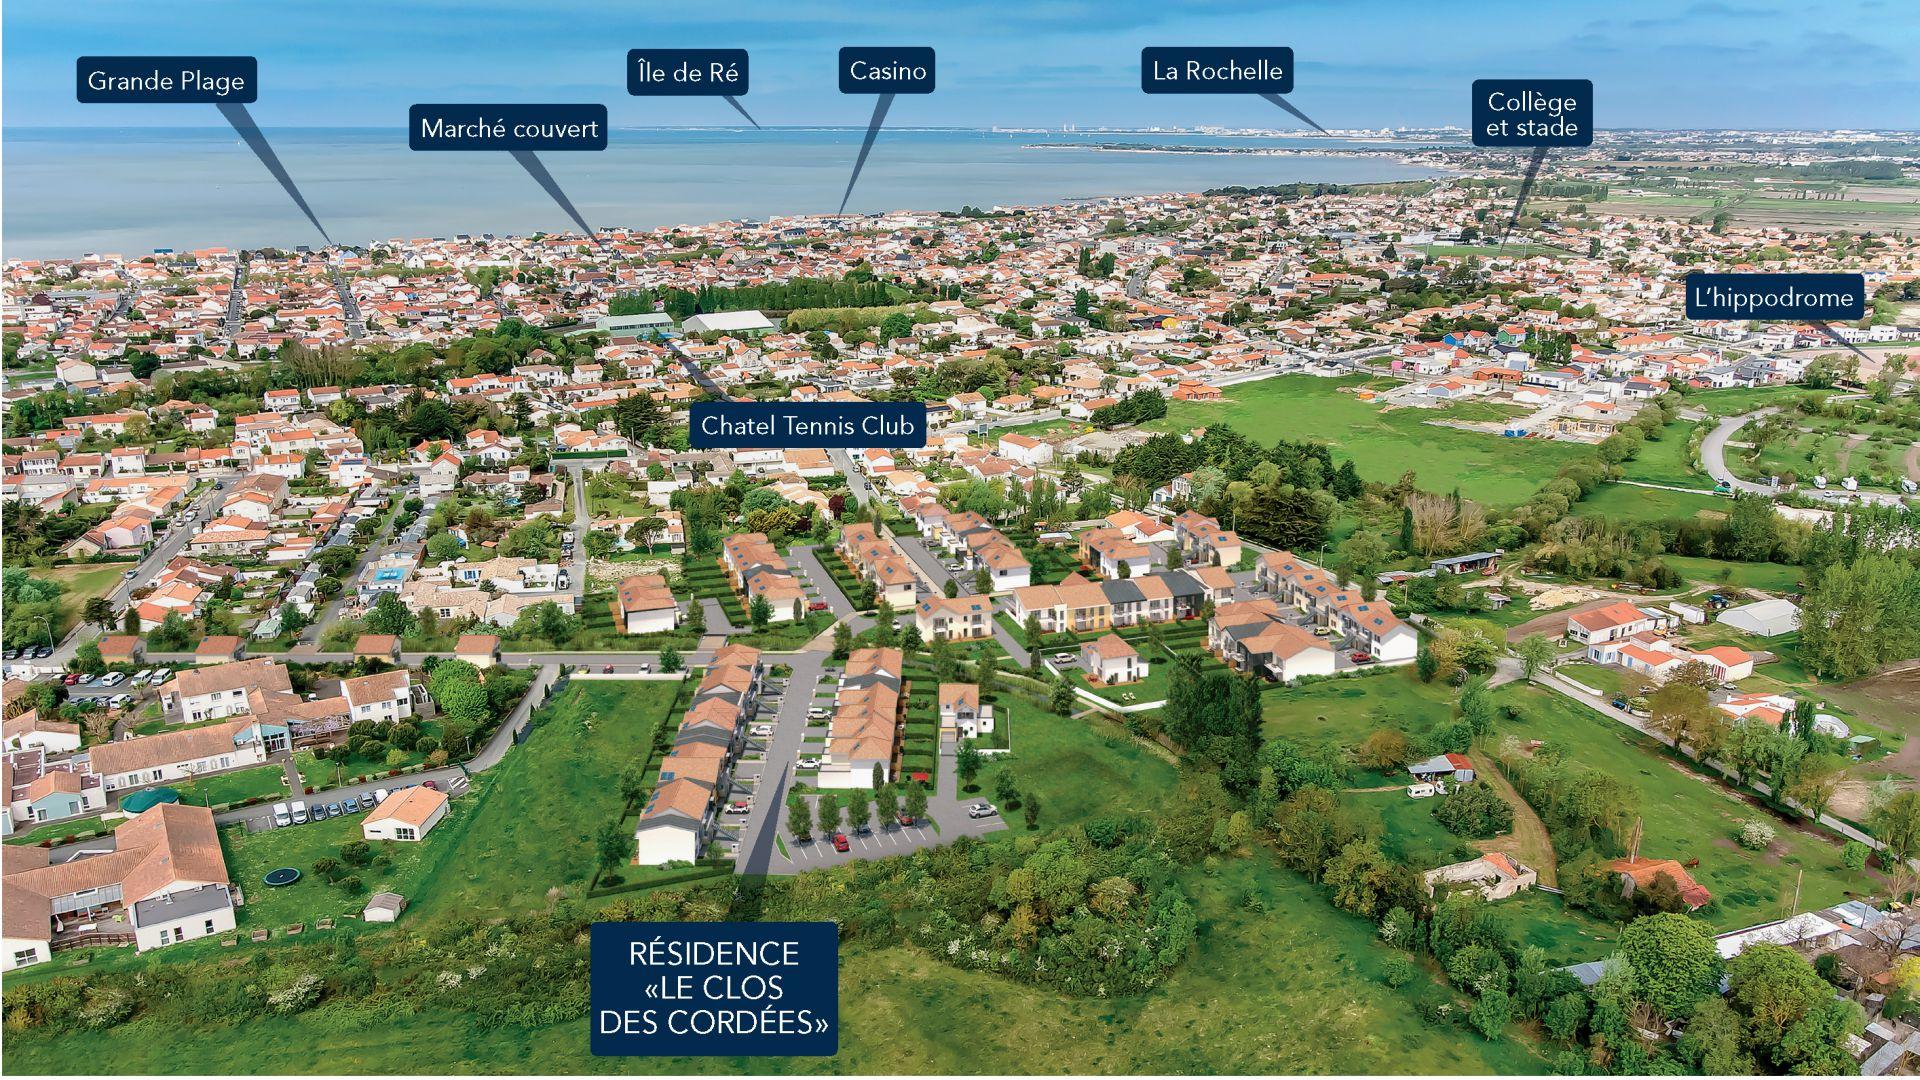 GreenCity immobilier - La Rochelle - Chatelaillon plage - Le Clos Des Cordées - appartements et villas du T2 au T5  - insertion paysagère